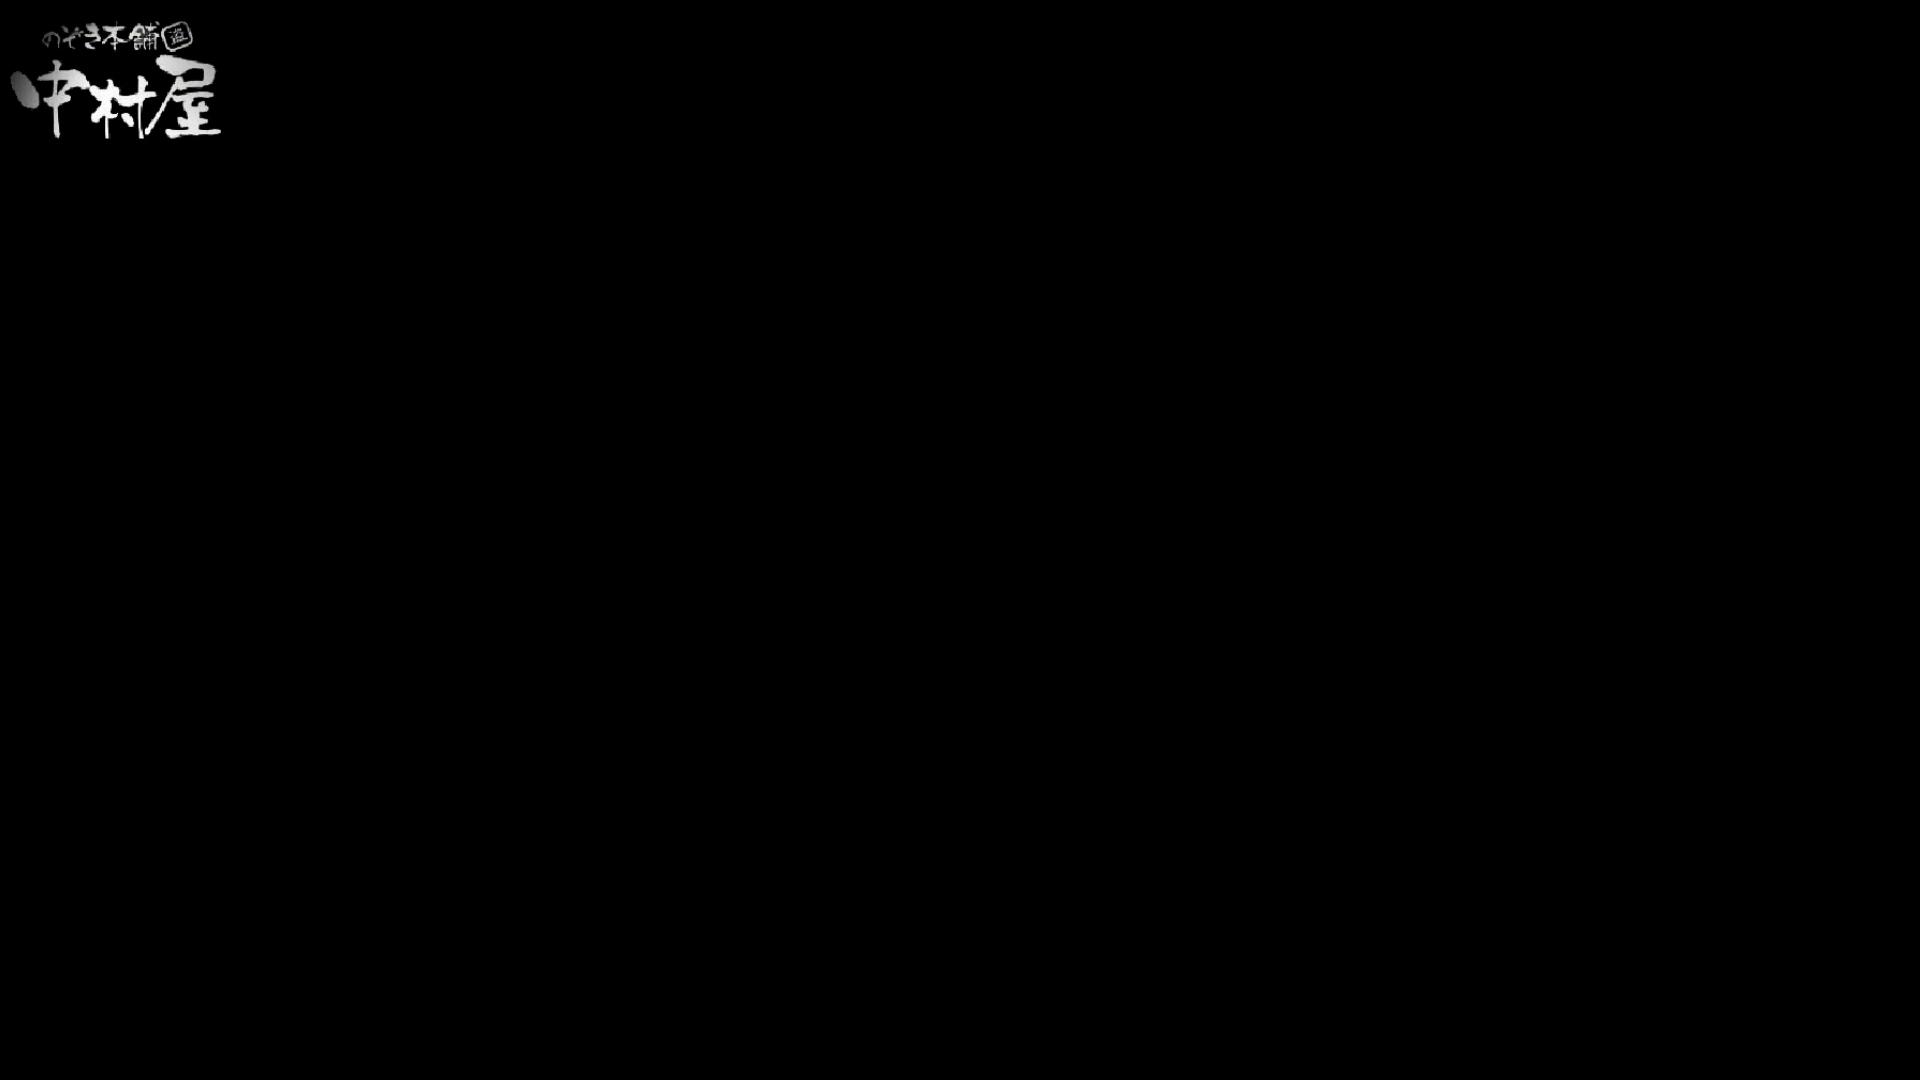 雅さんが厳選新年特別コンテンツ!激走!東京マラソン選手専用女子トイレvol.9 エロいお尻 おまんこ無修正動画無料 31枚